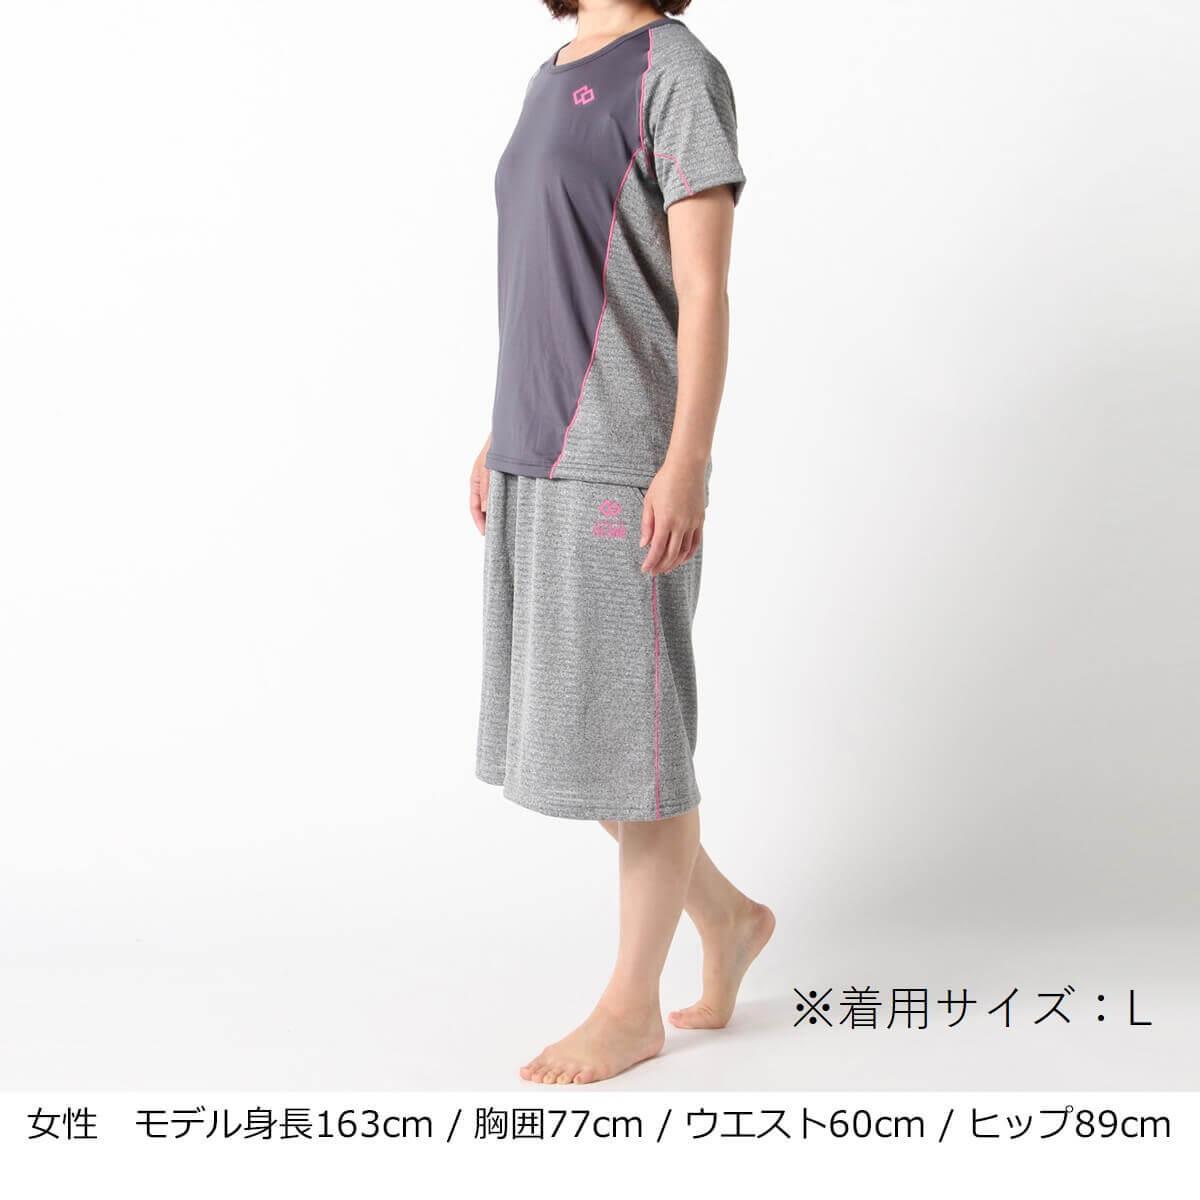 ※着用サイズ:L